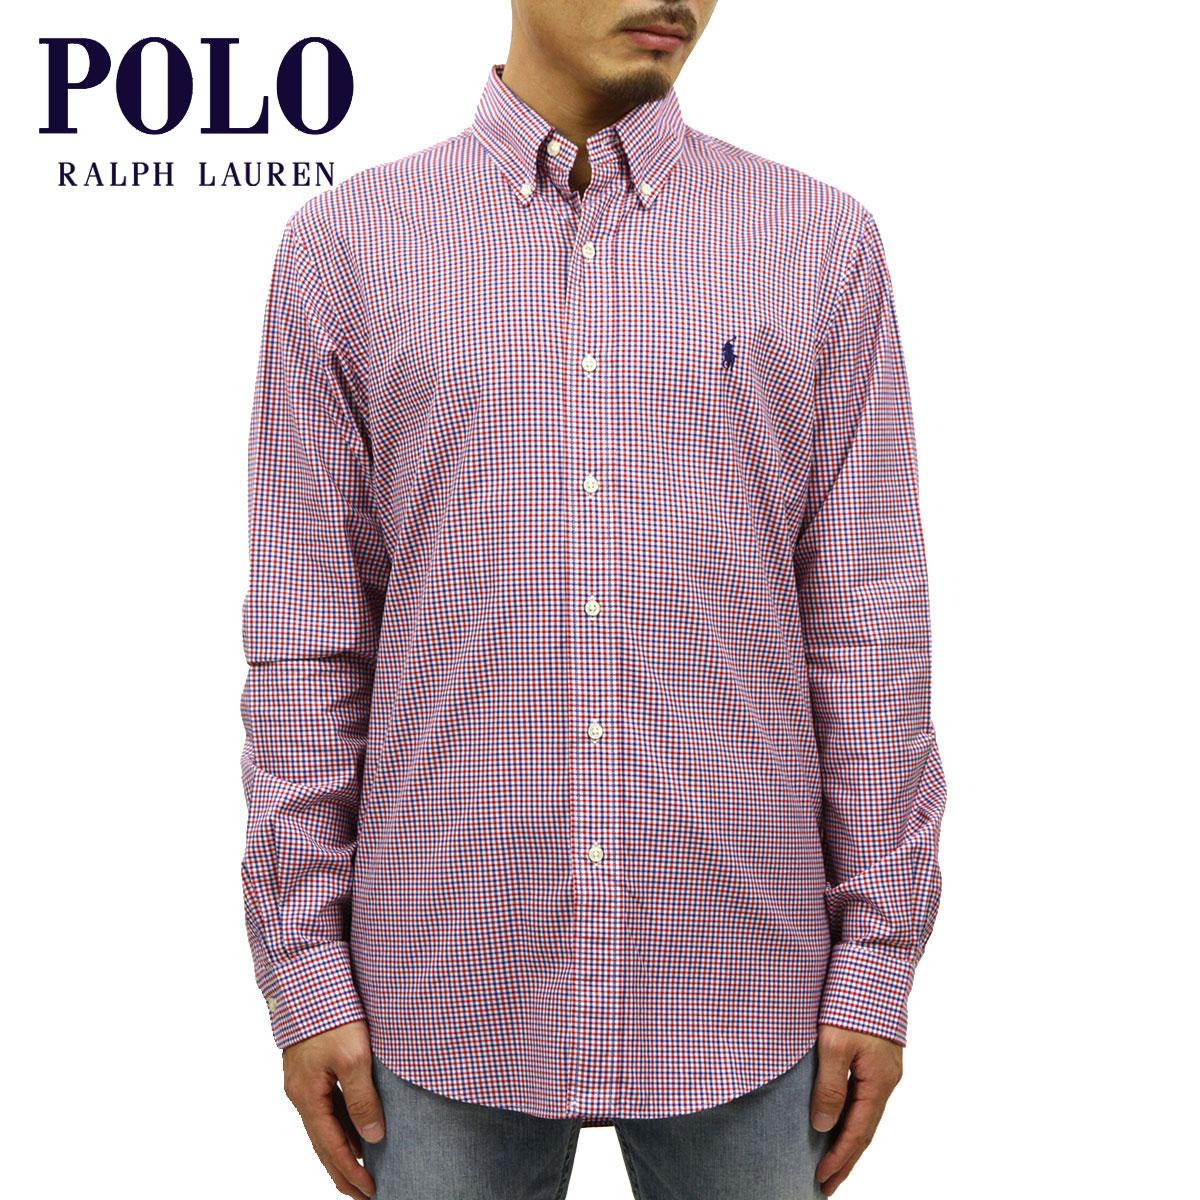 ポロ ラルフローレン シャツ メンズ 正規品 POLO RALPH LAUREN 長袖シャツ ボタンダウンシャツ Custom-Fit Checked Shirt NAVY-WHITE-RED